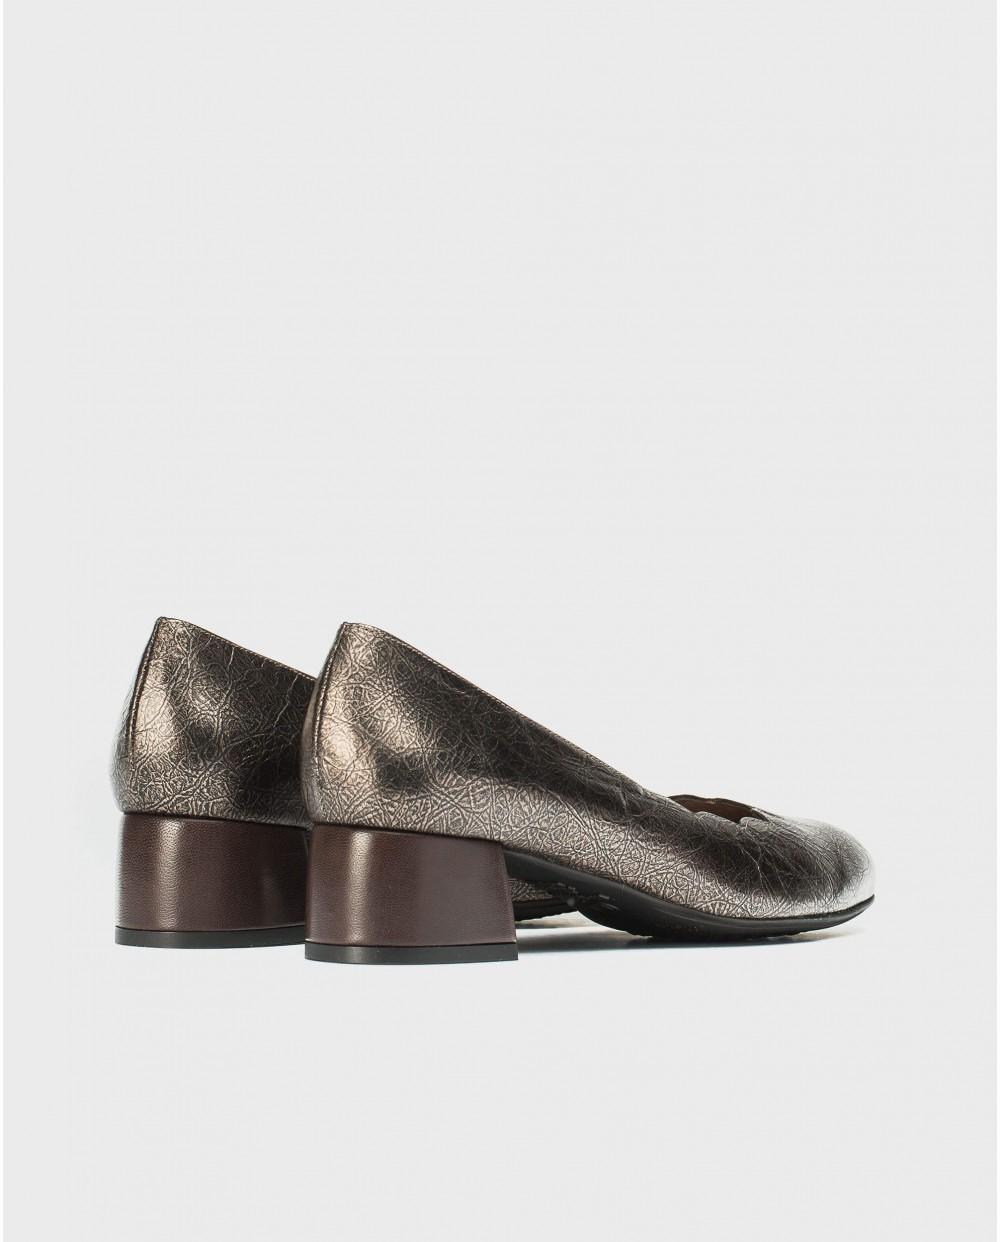 Wonders-Heels-High heeled ballet pump with waves